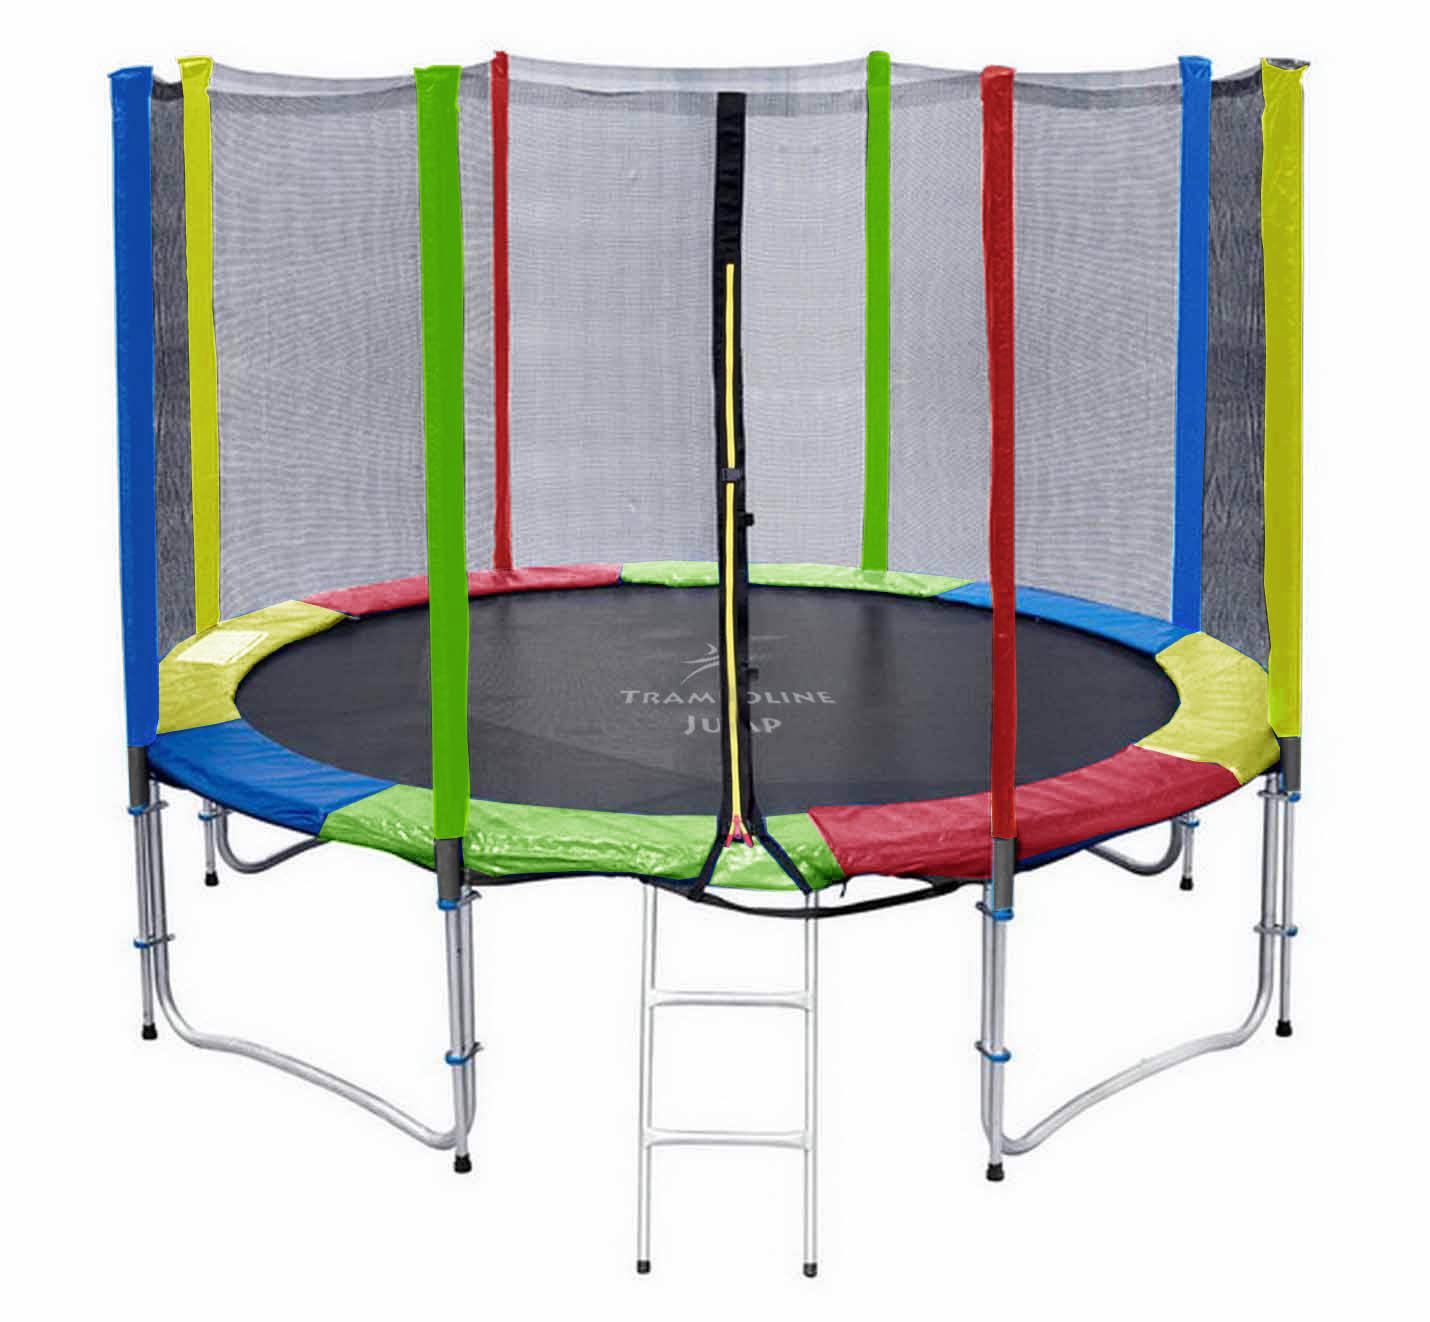 แทรมโพลีน 12 ฟุต สีรุ้ง เสารุ้ง สปริงบอร์ด trampoline เครื่องออกกำลังกายเพิ่มความสูง สำหรับ 5 คน